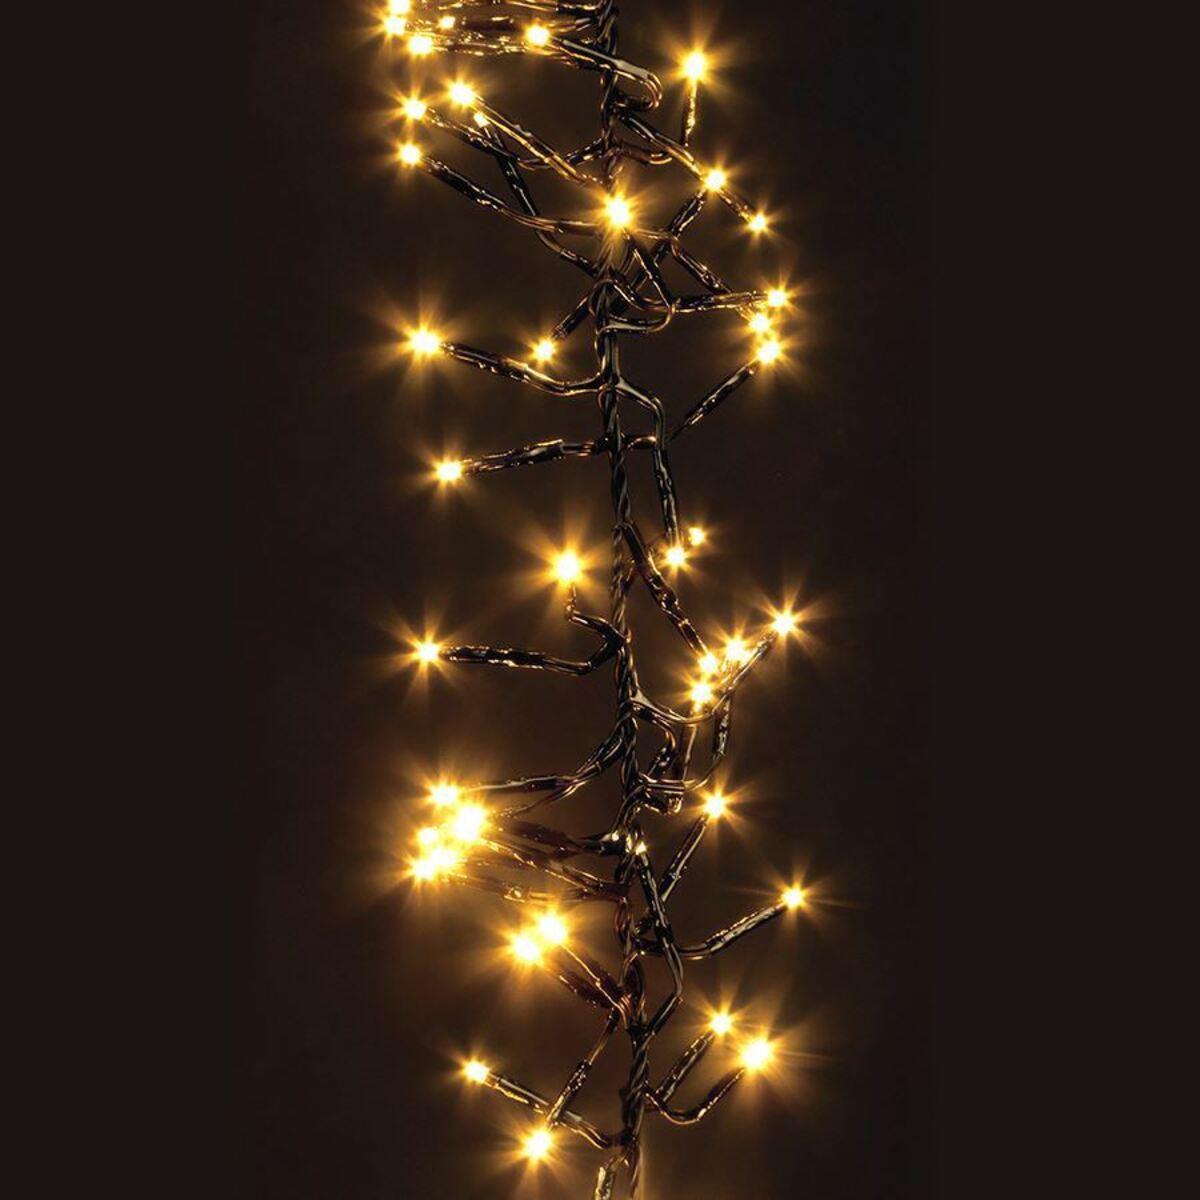 Bild 5 von LED-Cluster-Lichterkette 14,5m 480 LEDs Warmweiß